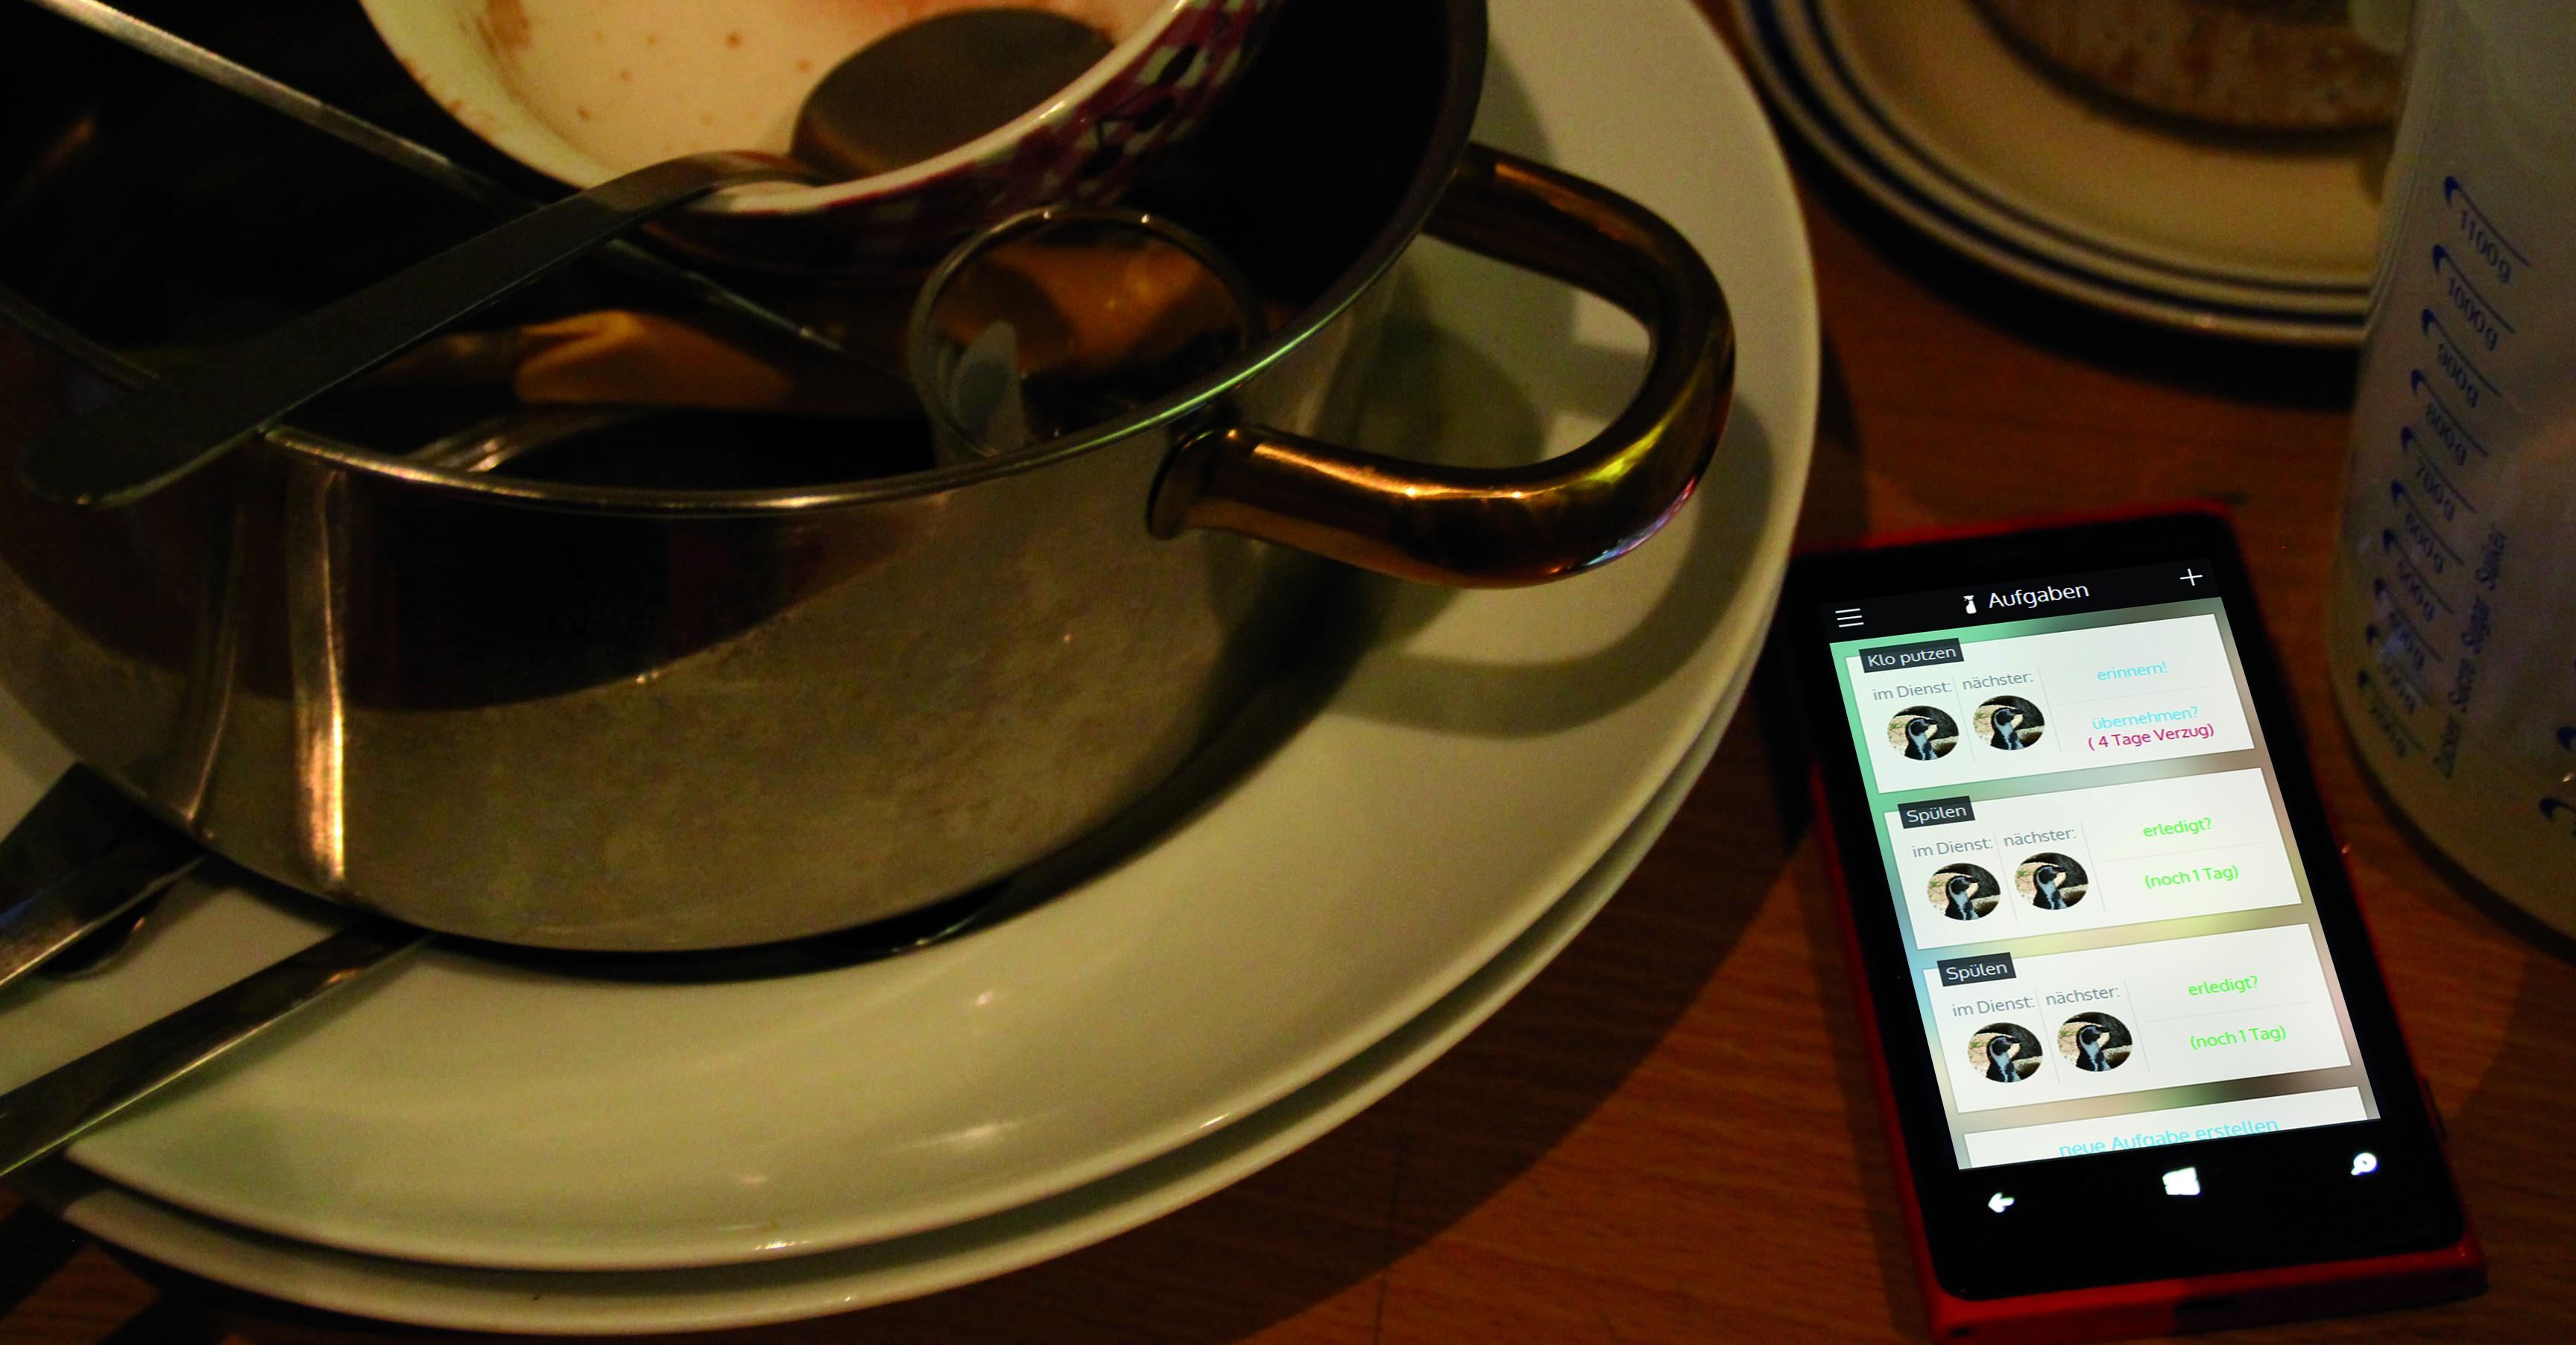 Die neue WG-App erinnert an das Spülen, um WG-Streit vorzubeugen. Foto: mak